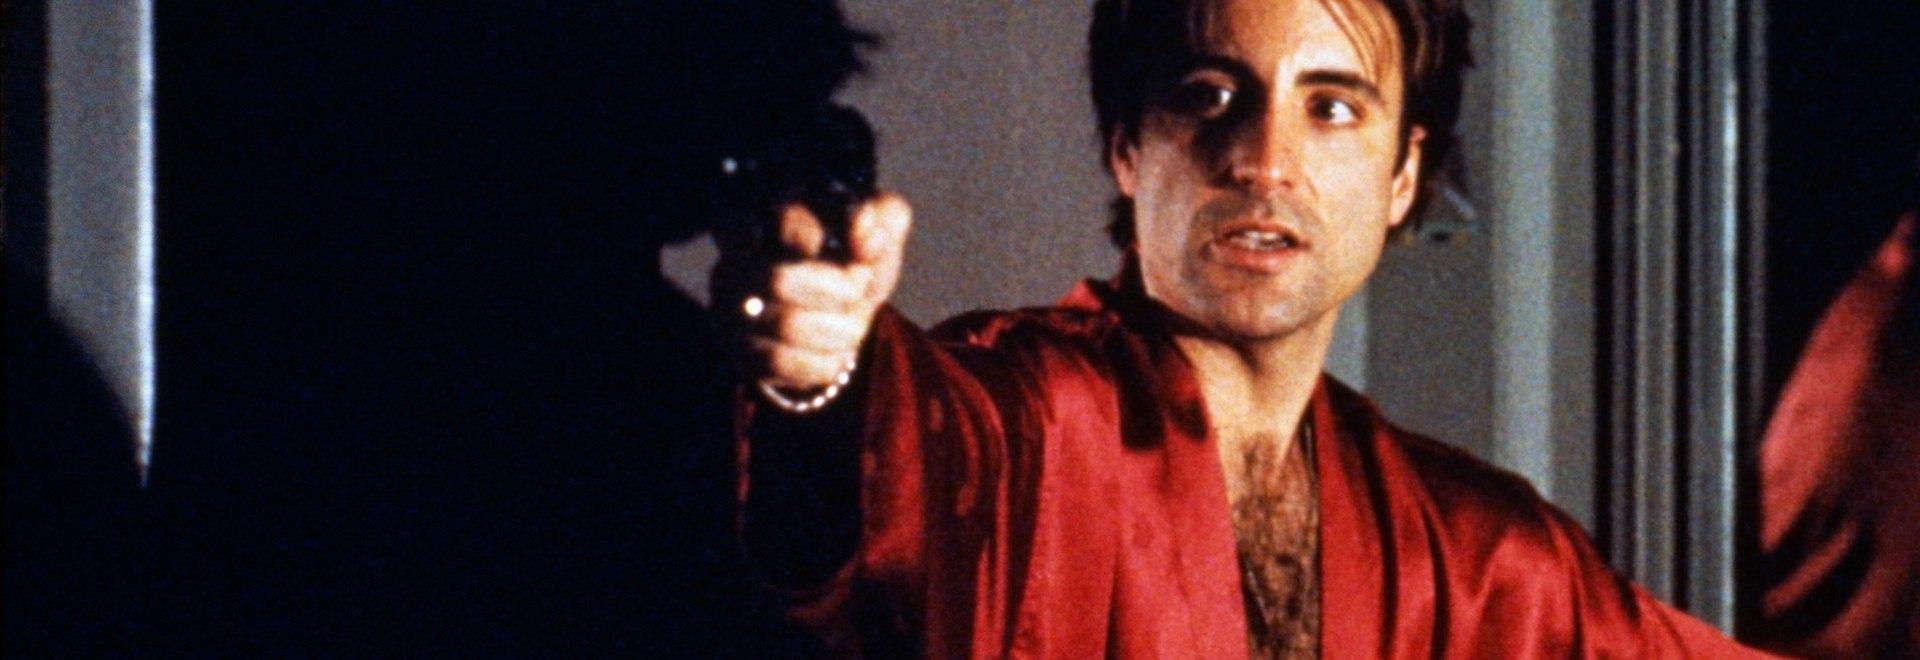 Il Padrino: Epilogo - La morte di Michael Corleone